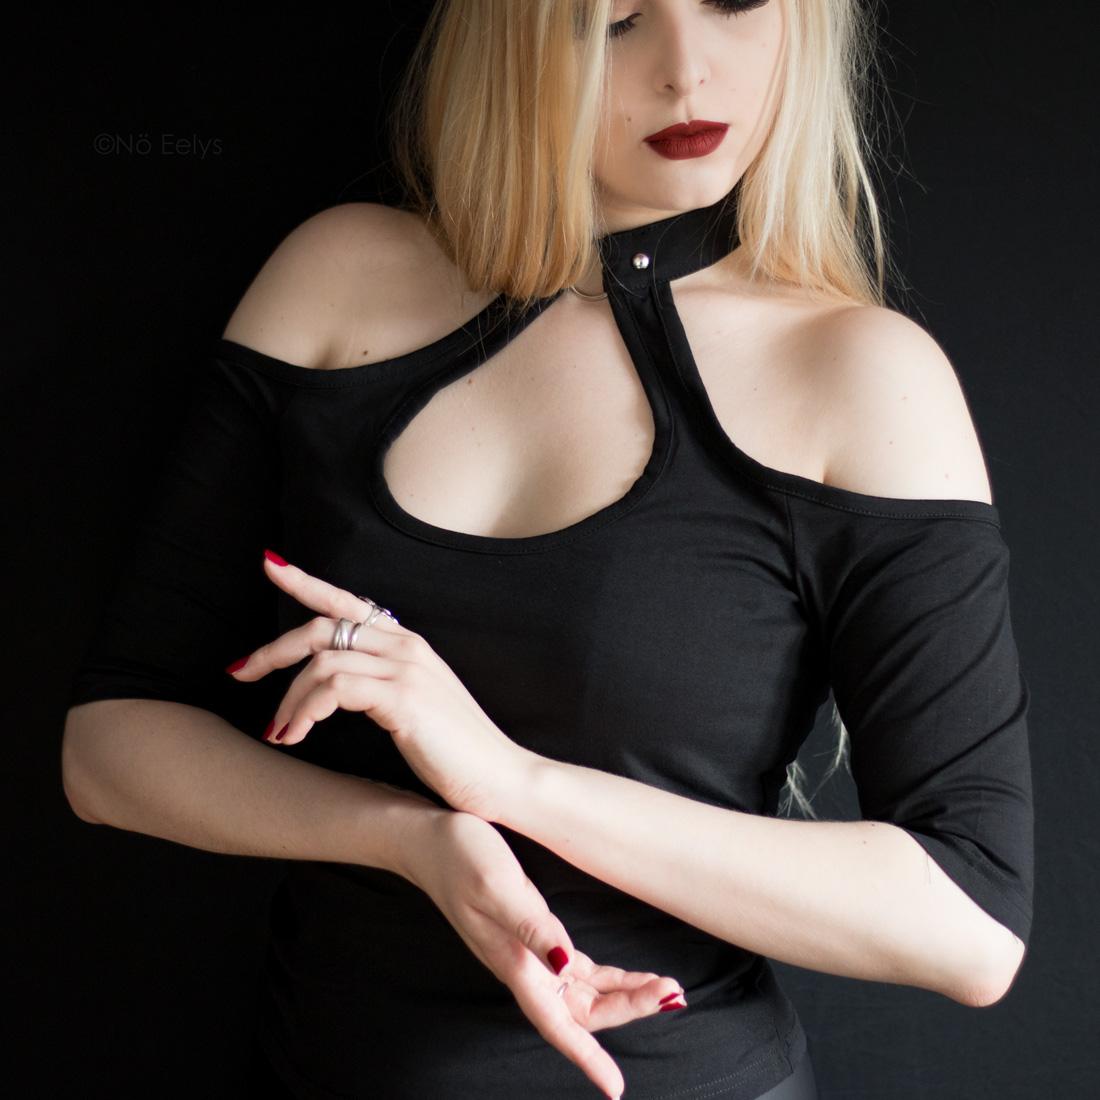 Killstar Seraphina Choker Top petit haut gothique metalhead avec anneau Avis Le Boudoir de No Eelys blog gothique